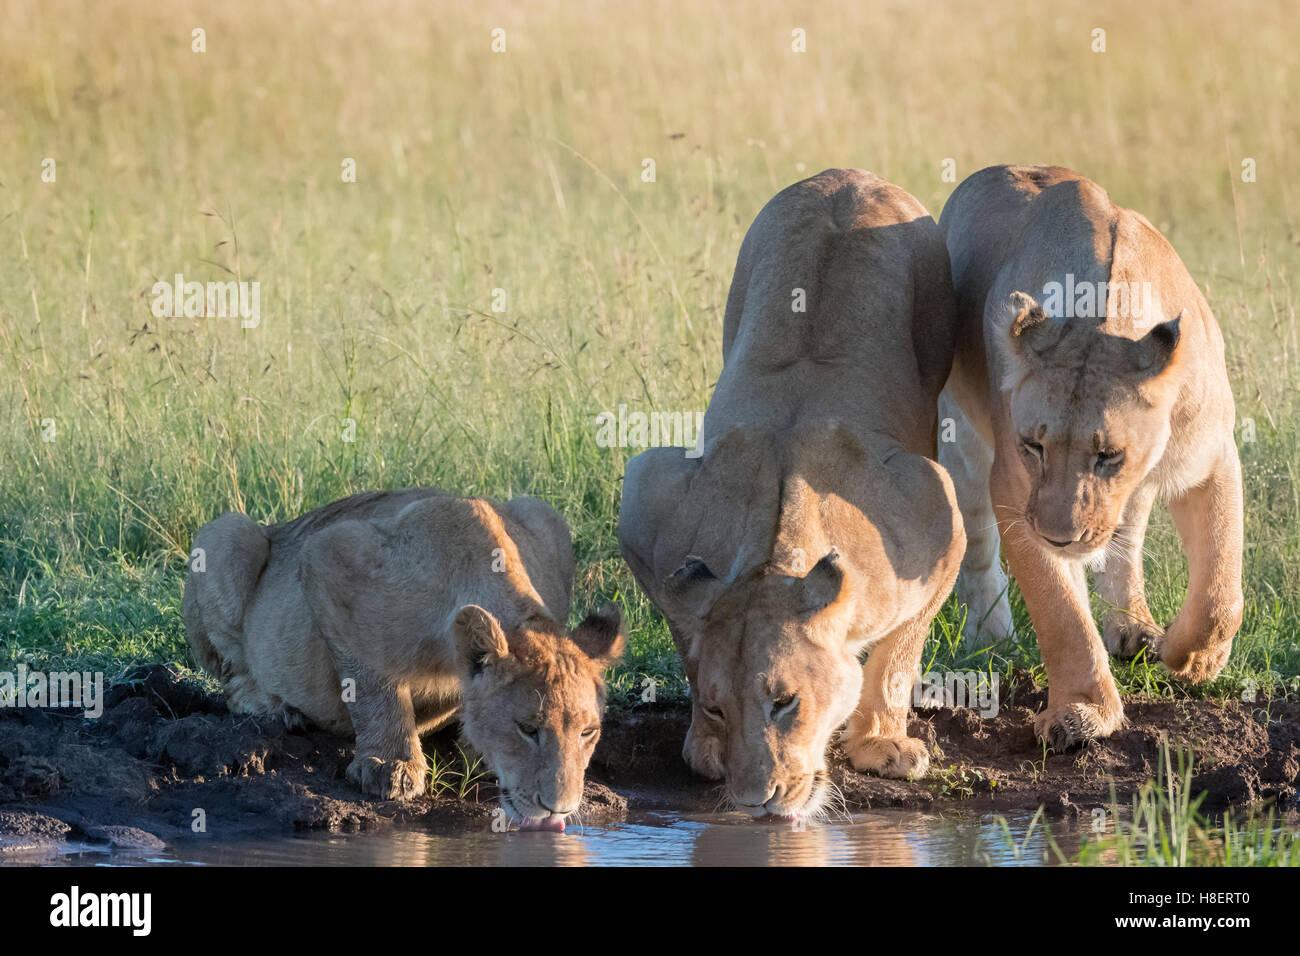 Lionnes (Panthera leo) con oseznos bebiendo en un abrevadero en la Reserva Nacional de Masai Mara, Kenya Imagen De Stock